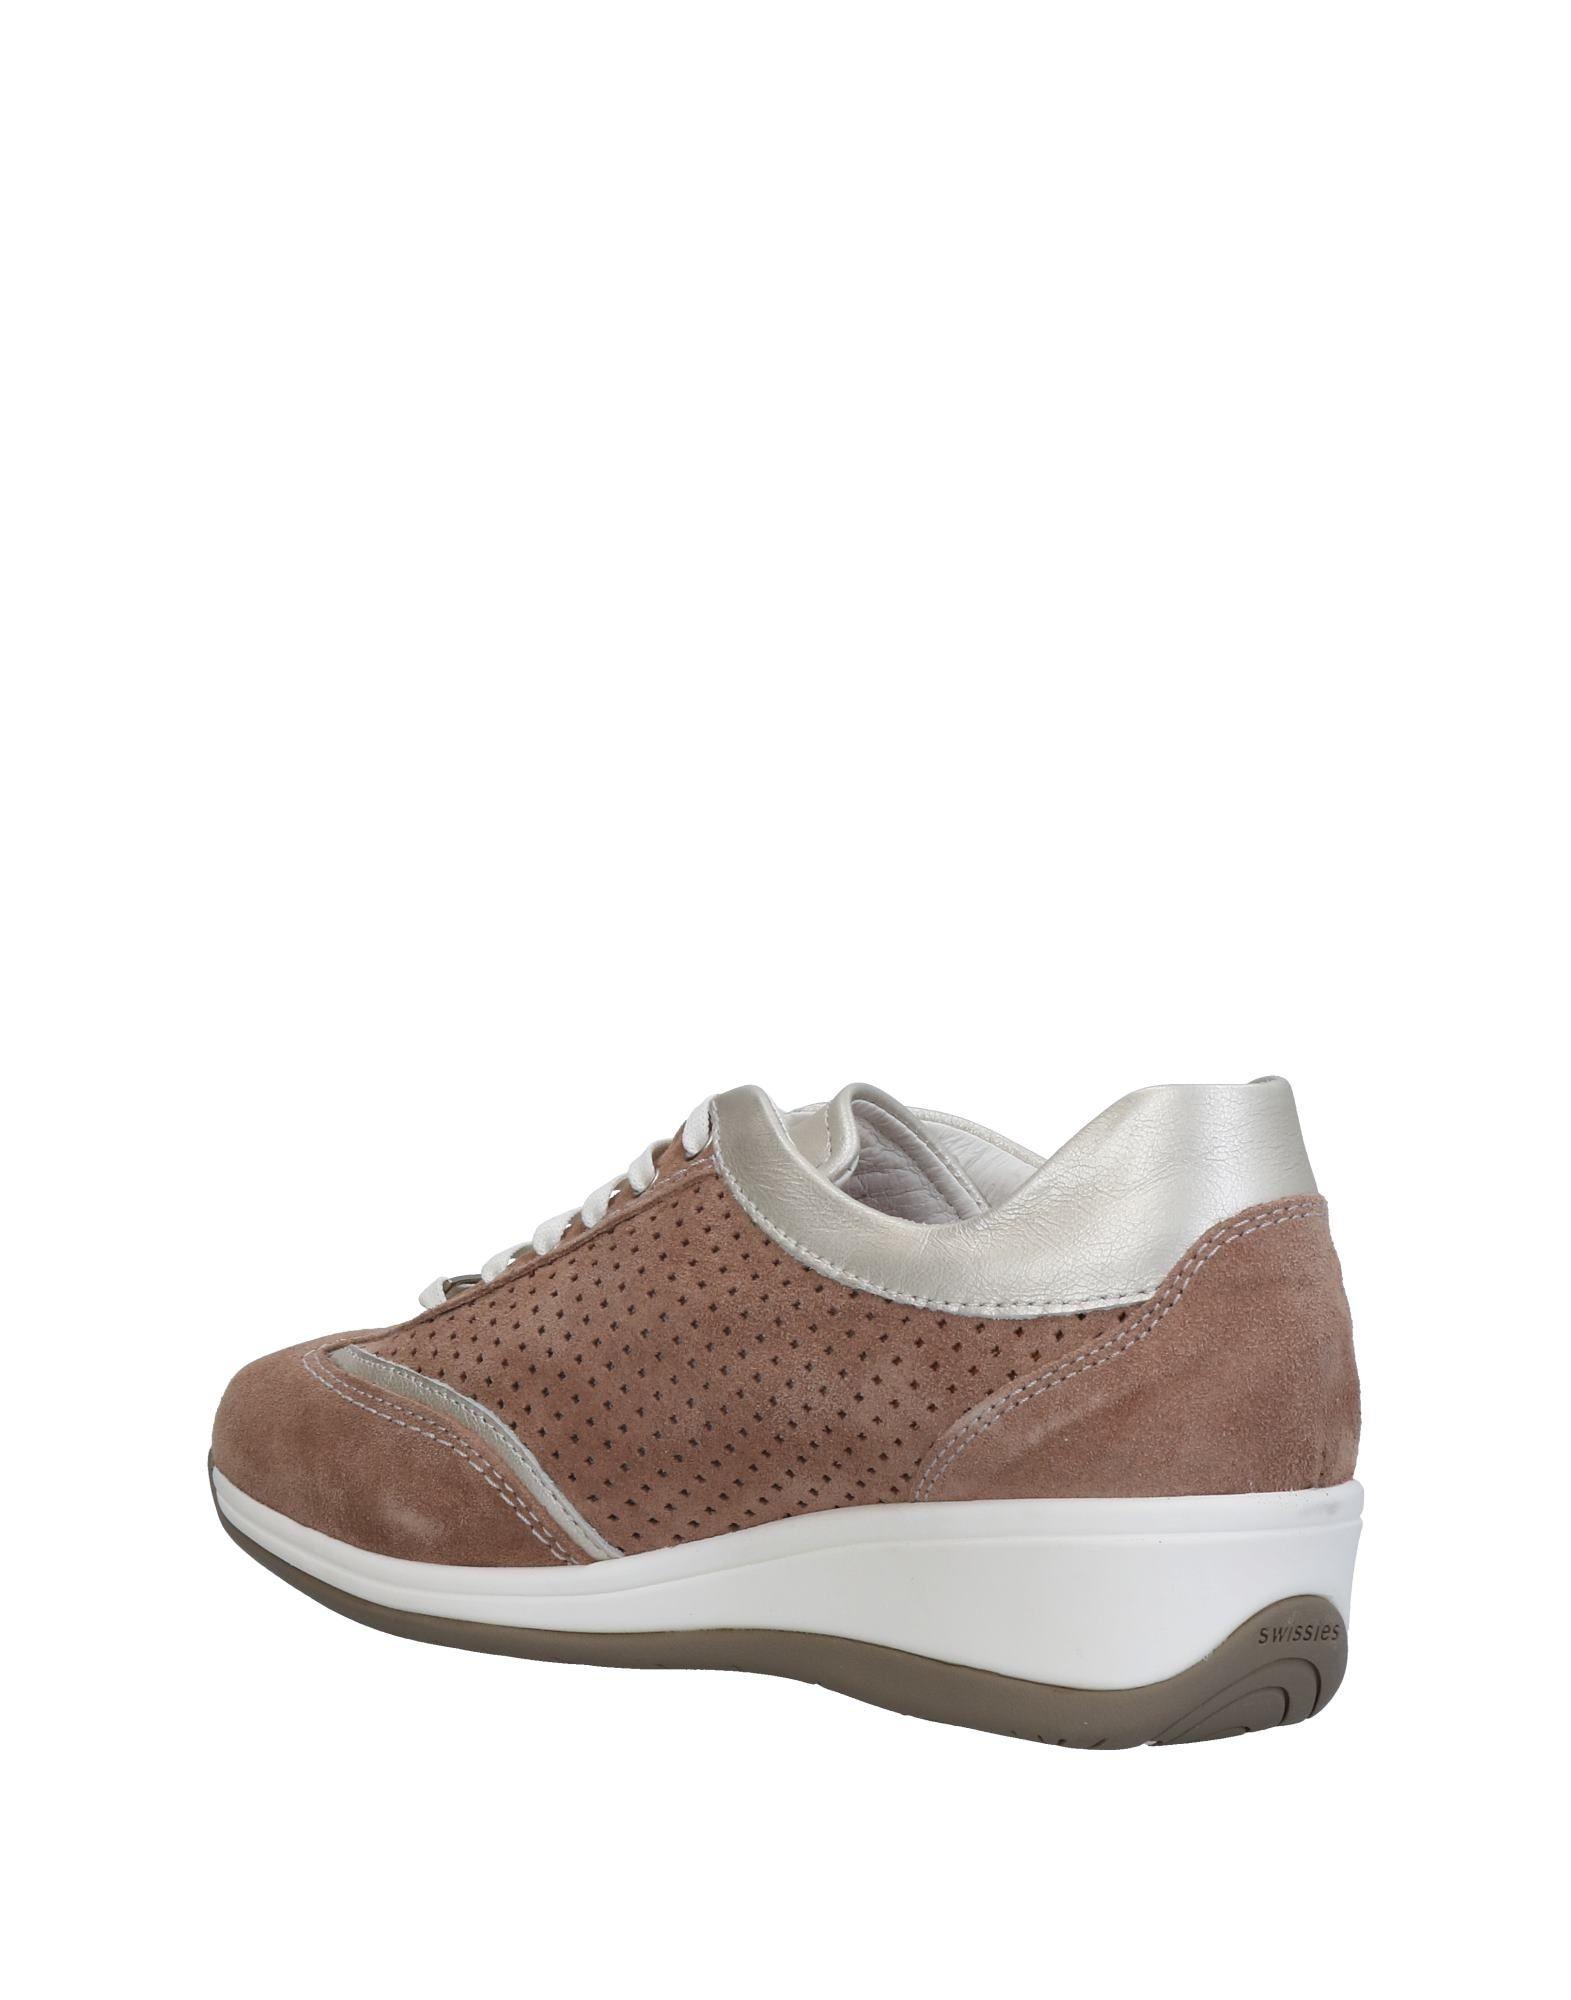 Sneakers Swissies Femme - Sneakers Swissies sur